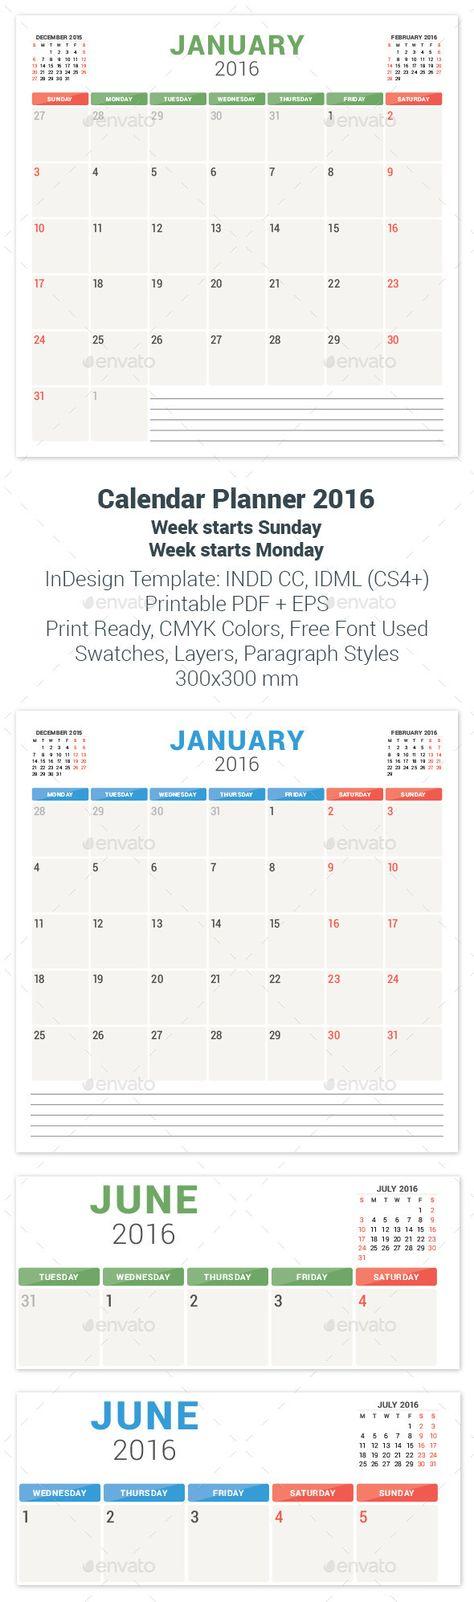 Create a 2017 calendar in just 10 steps